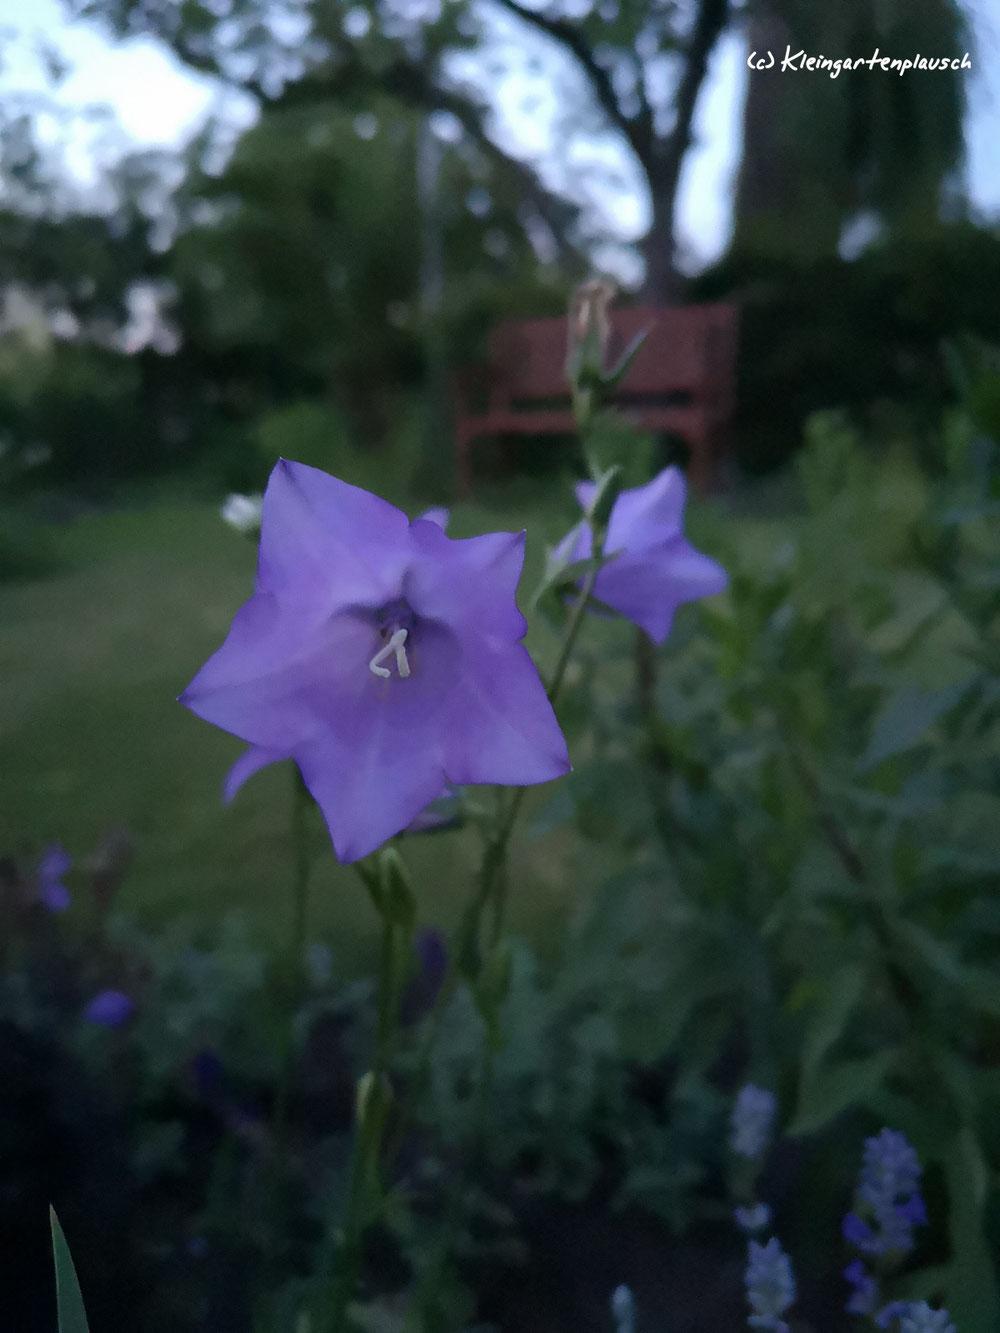 Ich liebe die Leichtigkeit der pfirsichblättrigen Glockenblume. Viele verfluchen sie - ich hoffe inständig, dass sie sich ordentlich versät.